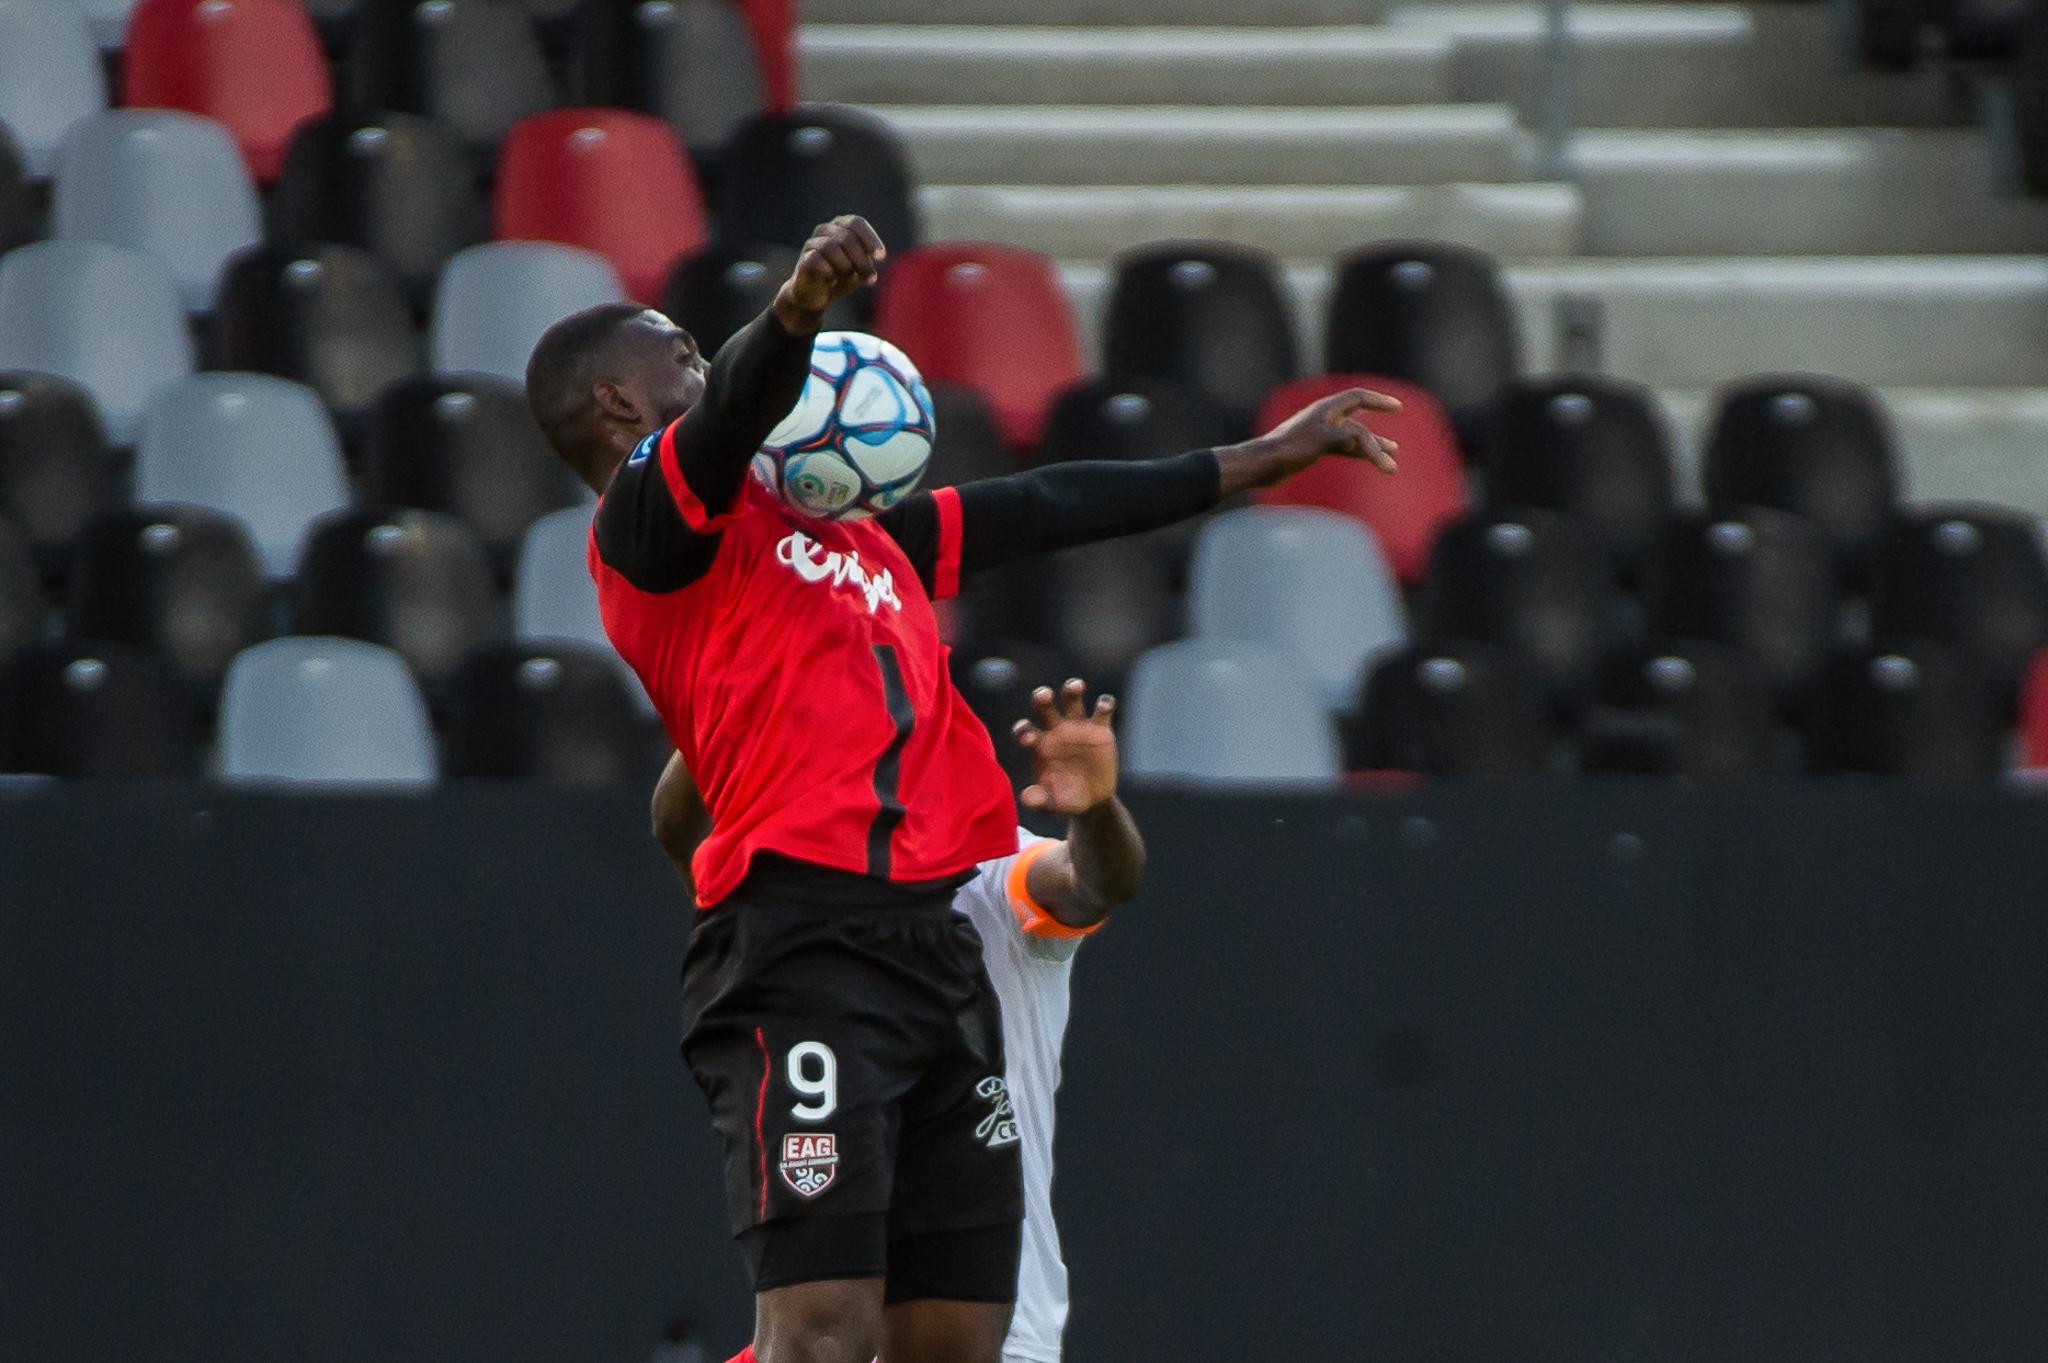 EA Guingamp La Berrichonne Châteauroux J37 Ligue 2 BKT EAGLBC 2-0 Stade de Roudourou FRA_5515